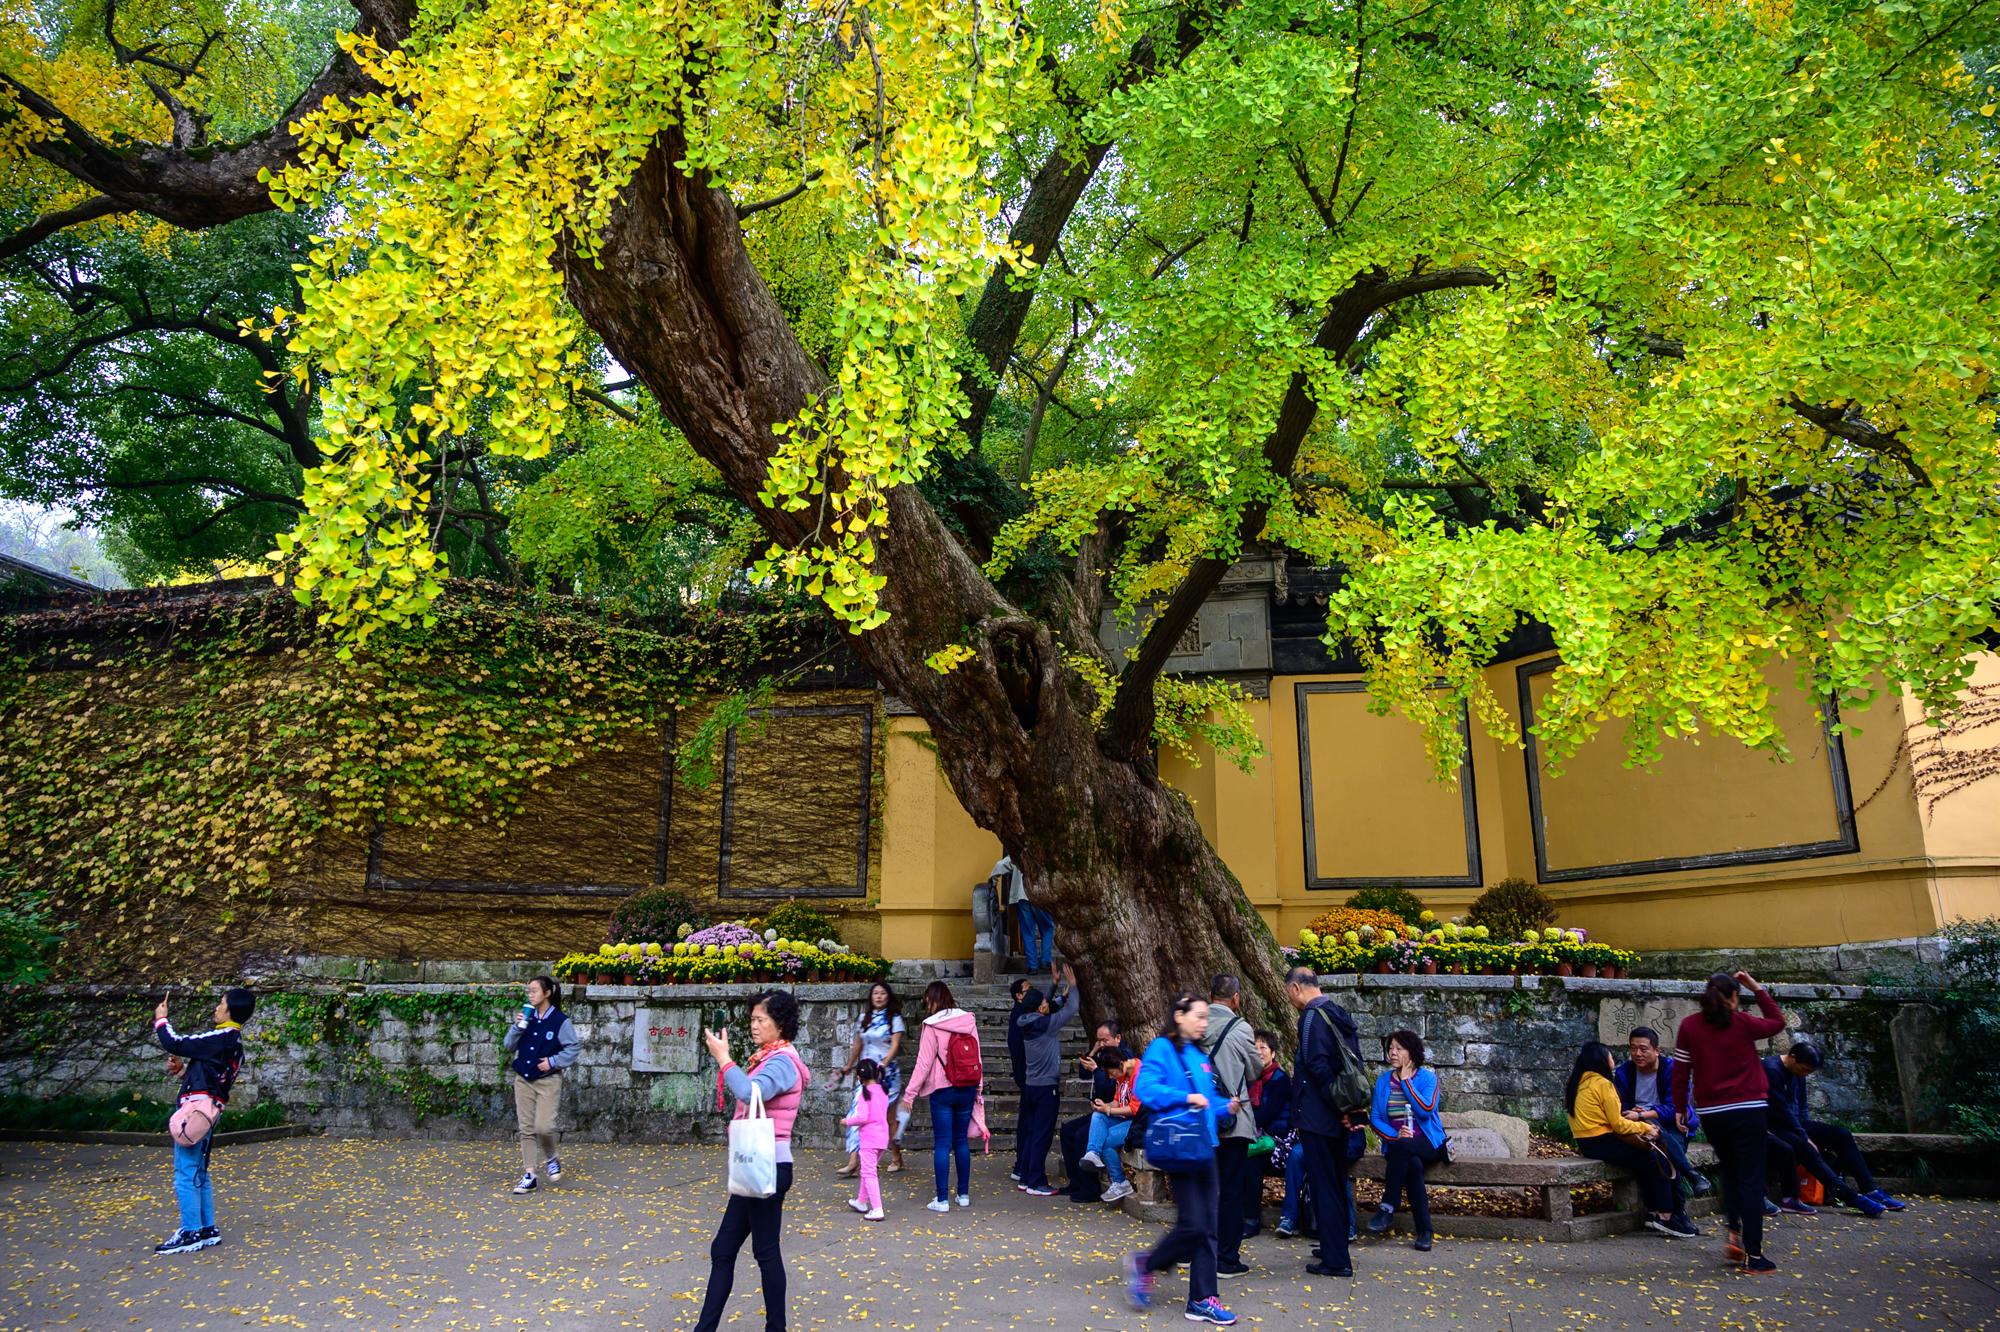 無錫排名第一的古寺,至今1500多年歷史,寺前有一棵600年古銀杏